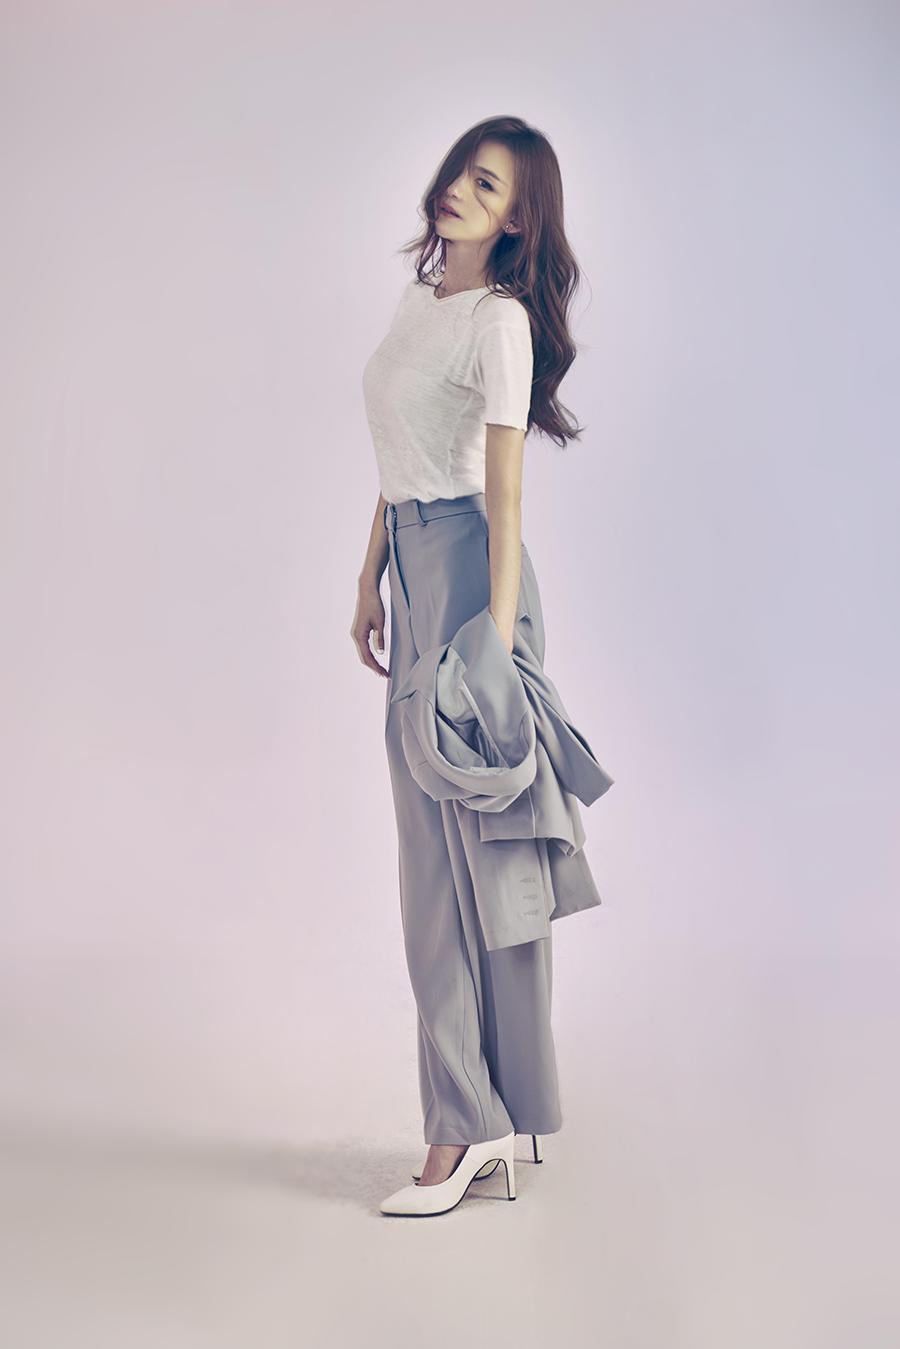 Lee Hee Jin